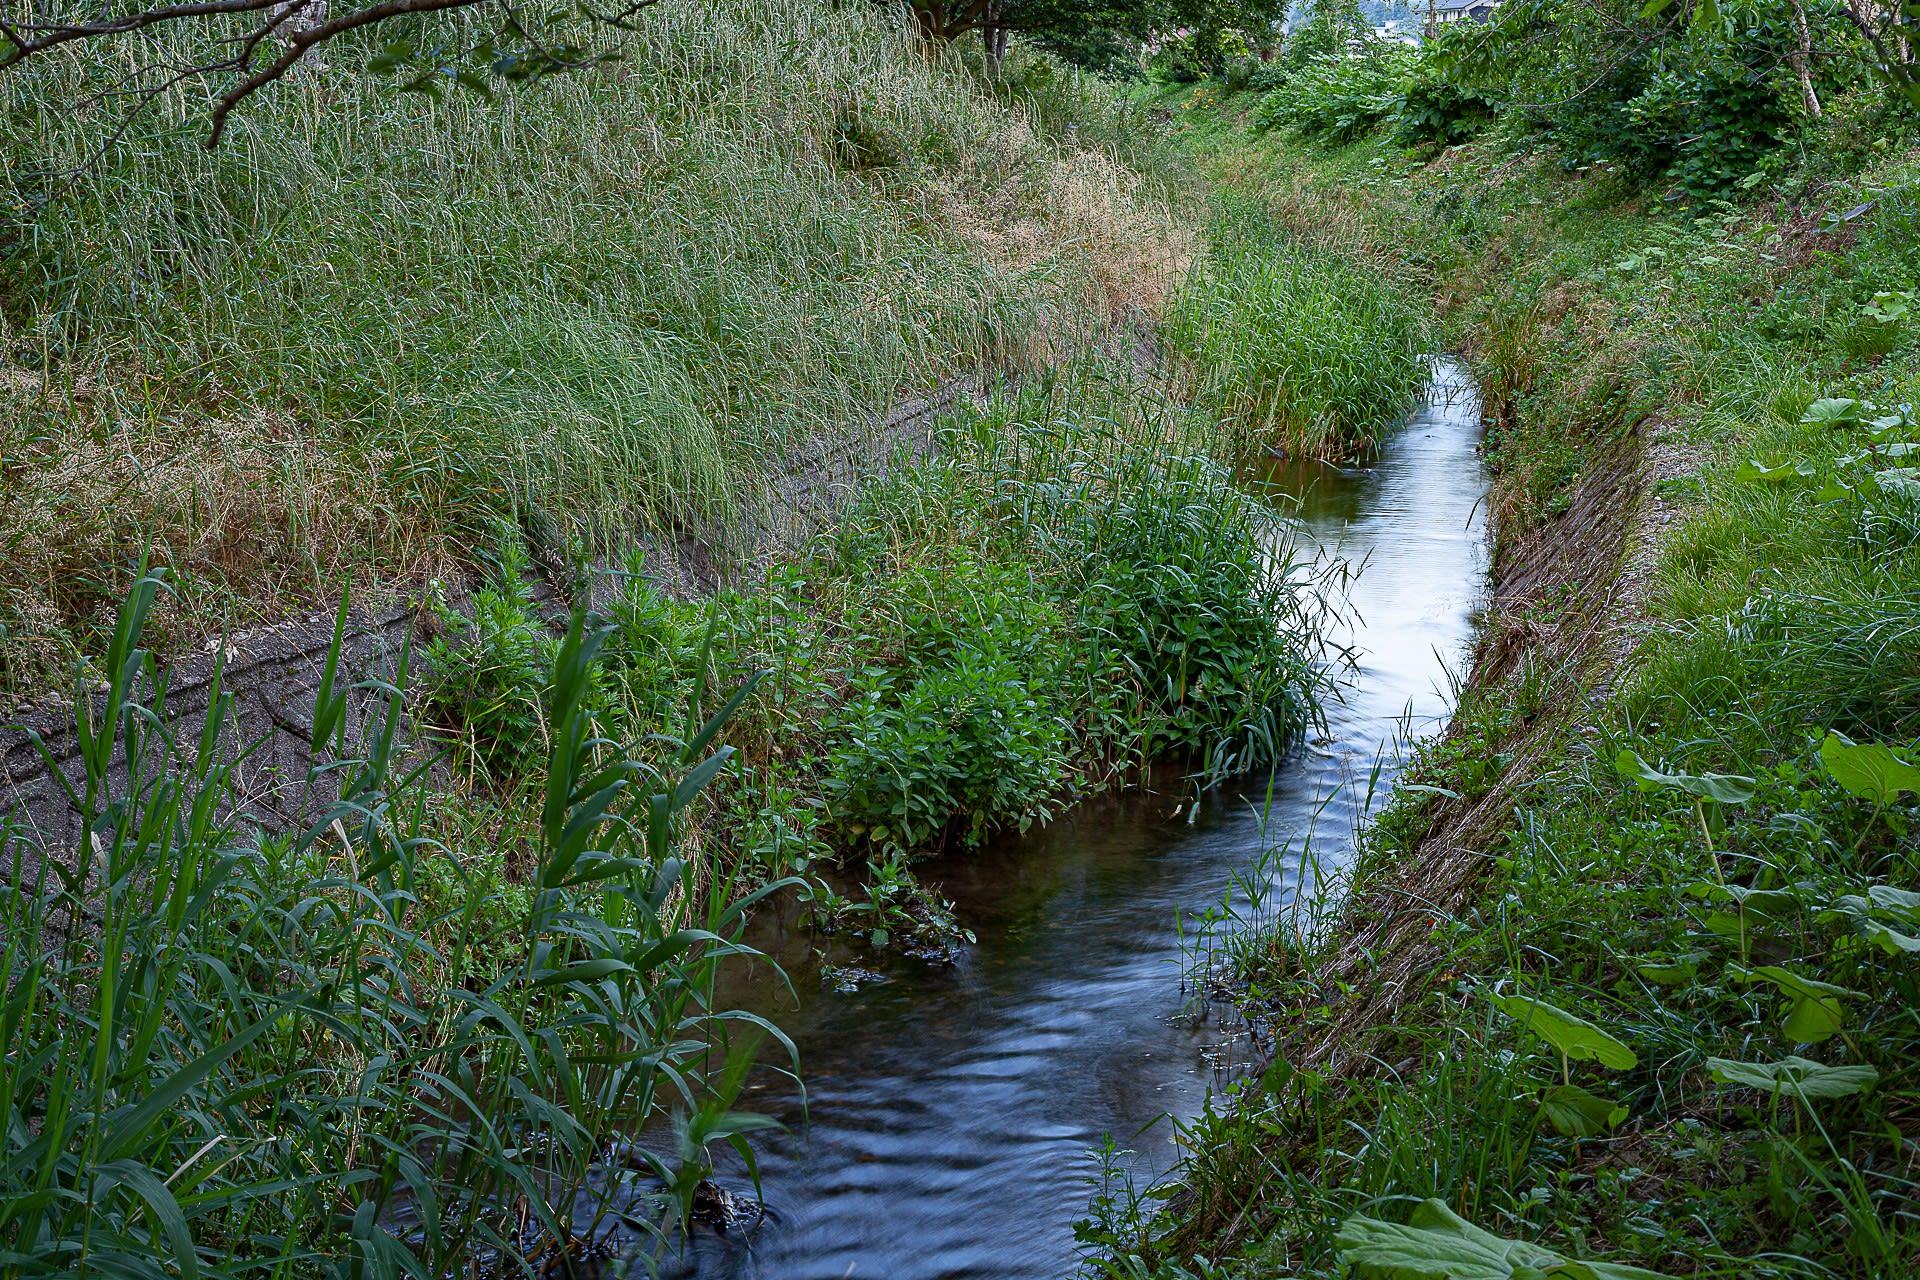 ゲンジボタルの生息地の写真